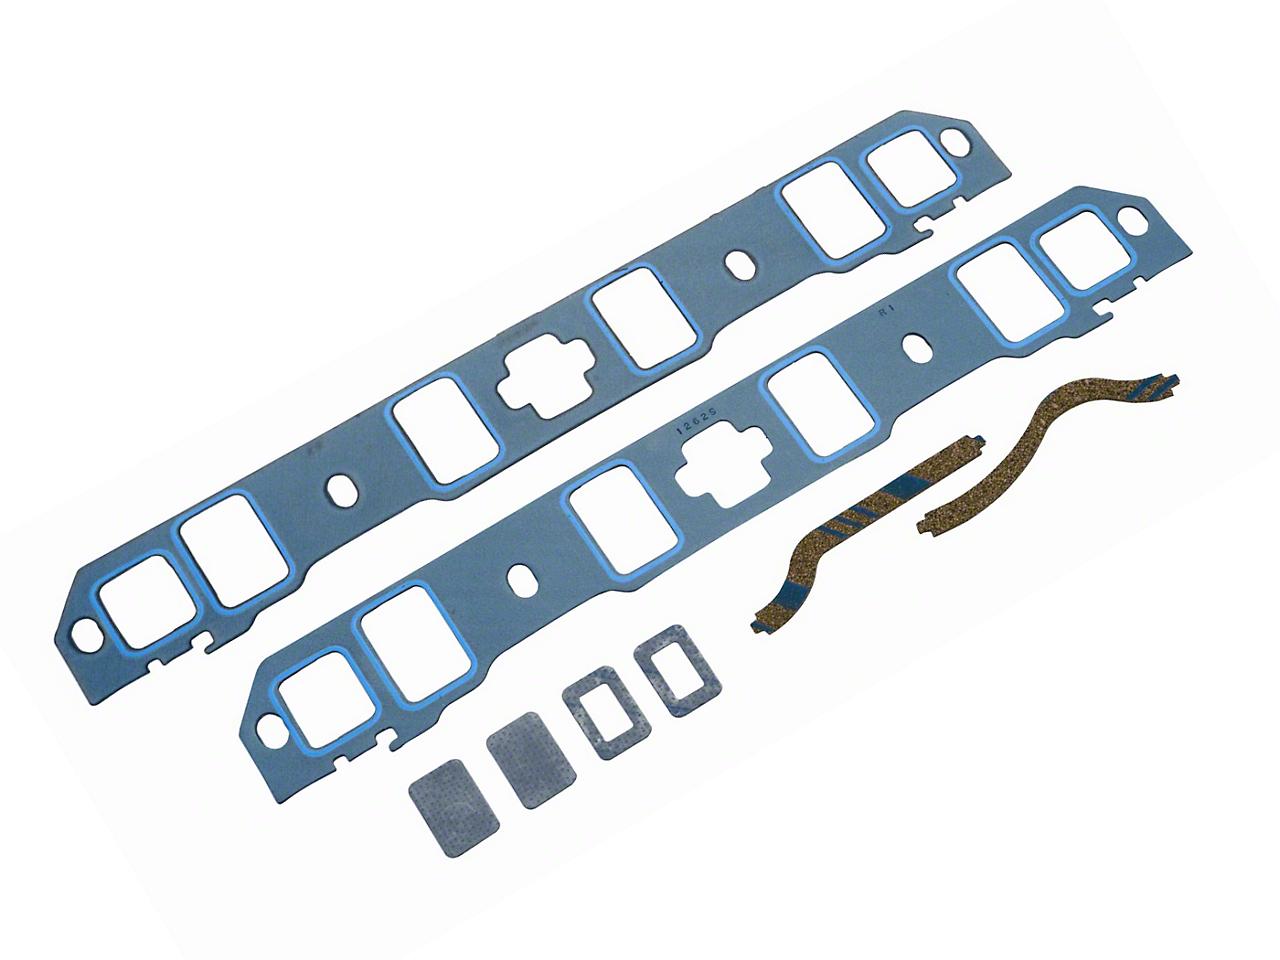 Ford Racing Intake Manifold Gasket (79-95 5.0L)